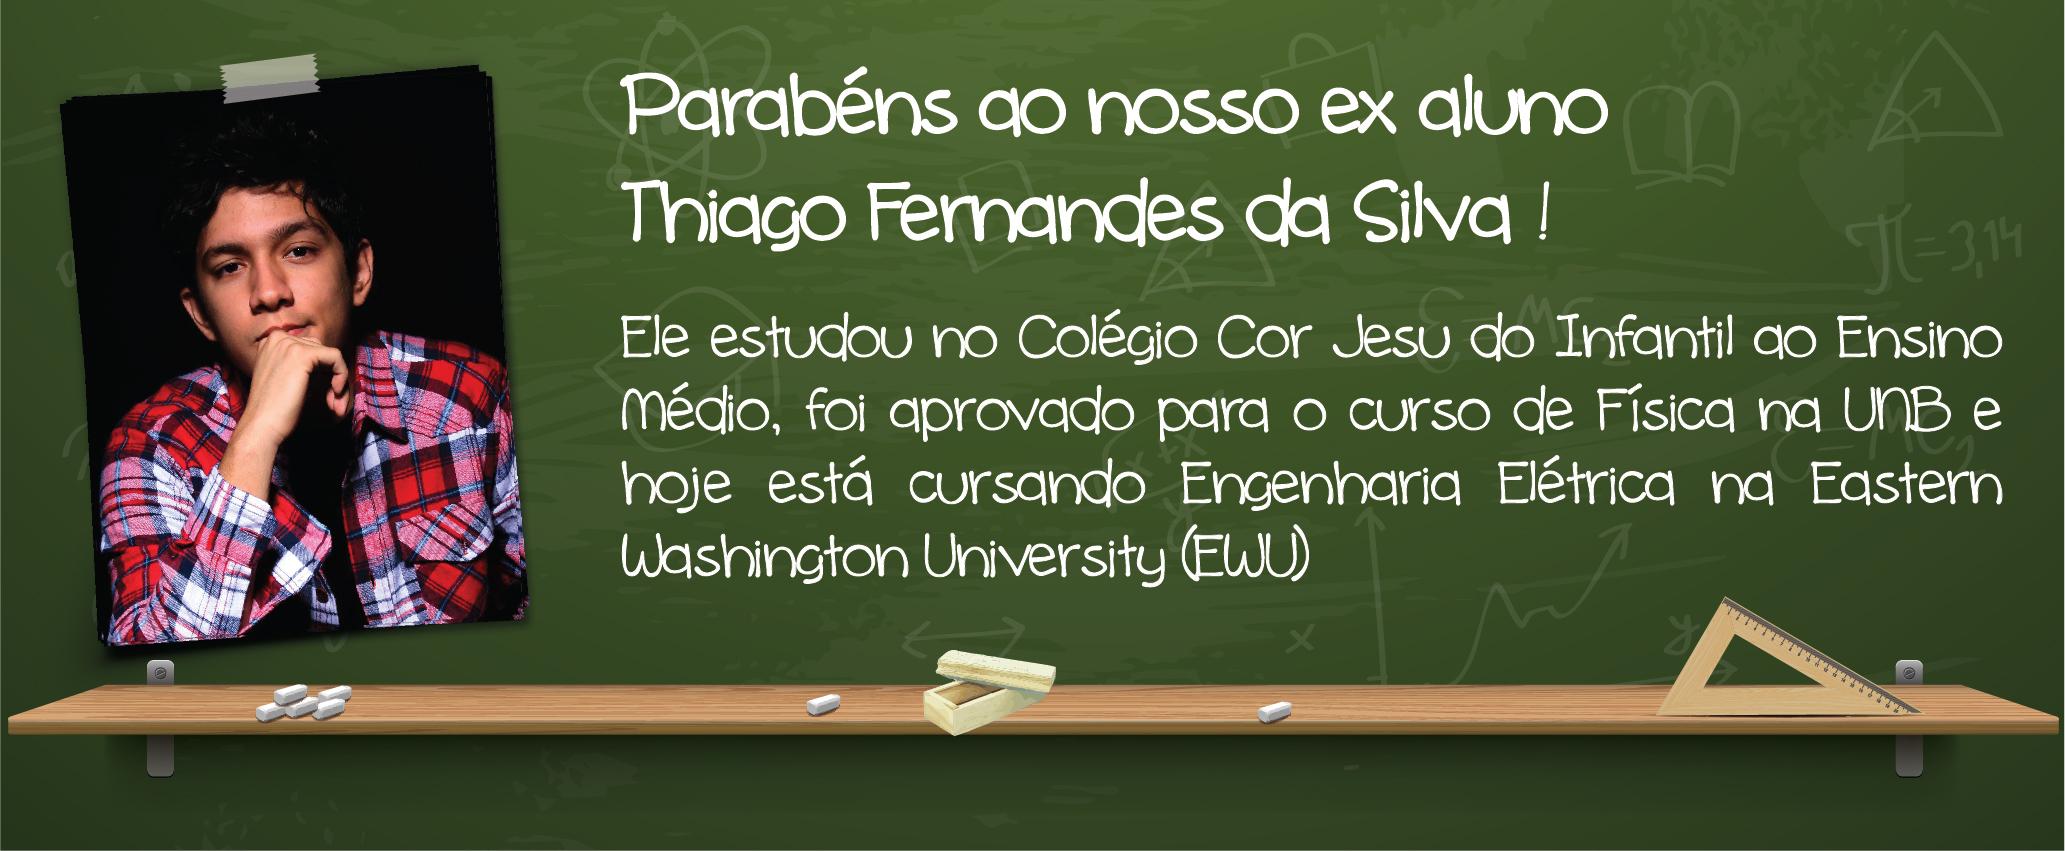 Parabéns aos ex alunos - Thiago Fernandes